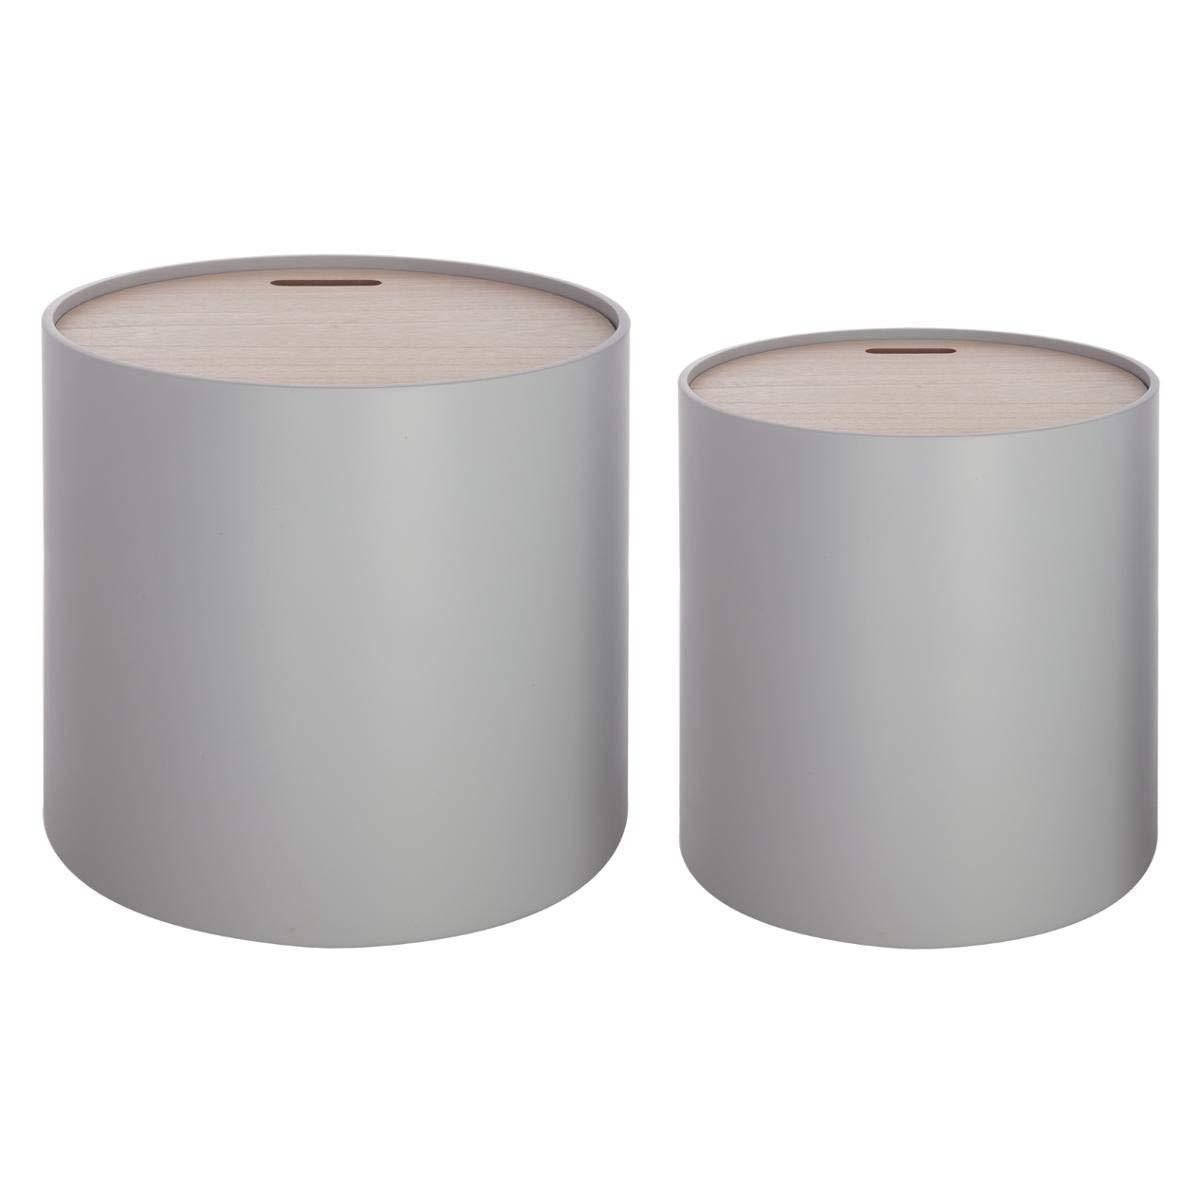 Set di 2 tavolini bassi sovrapponibili con funzione di contenitori - Stile moderno design - Colore: GRIGIO ATMOSPHERA